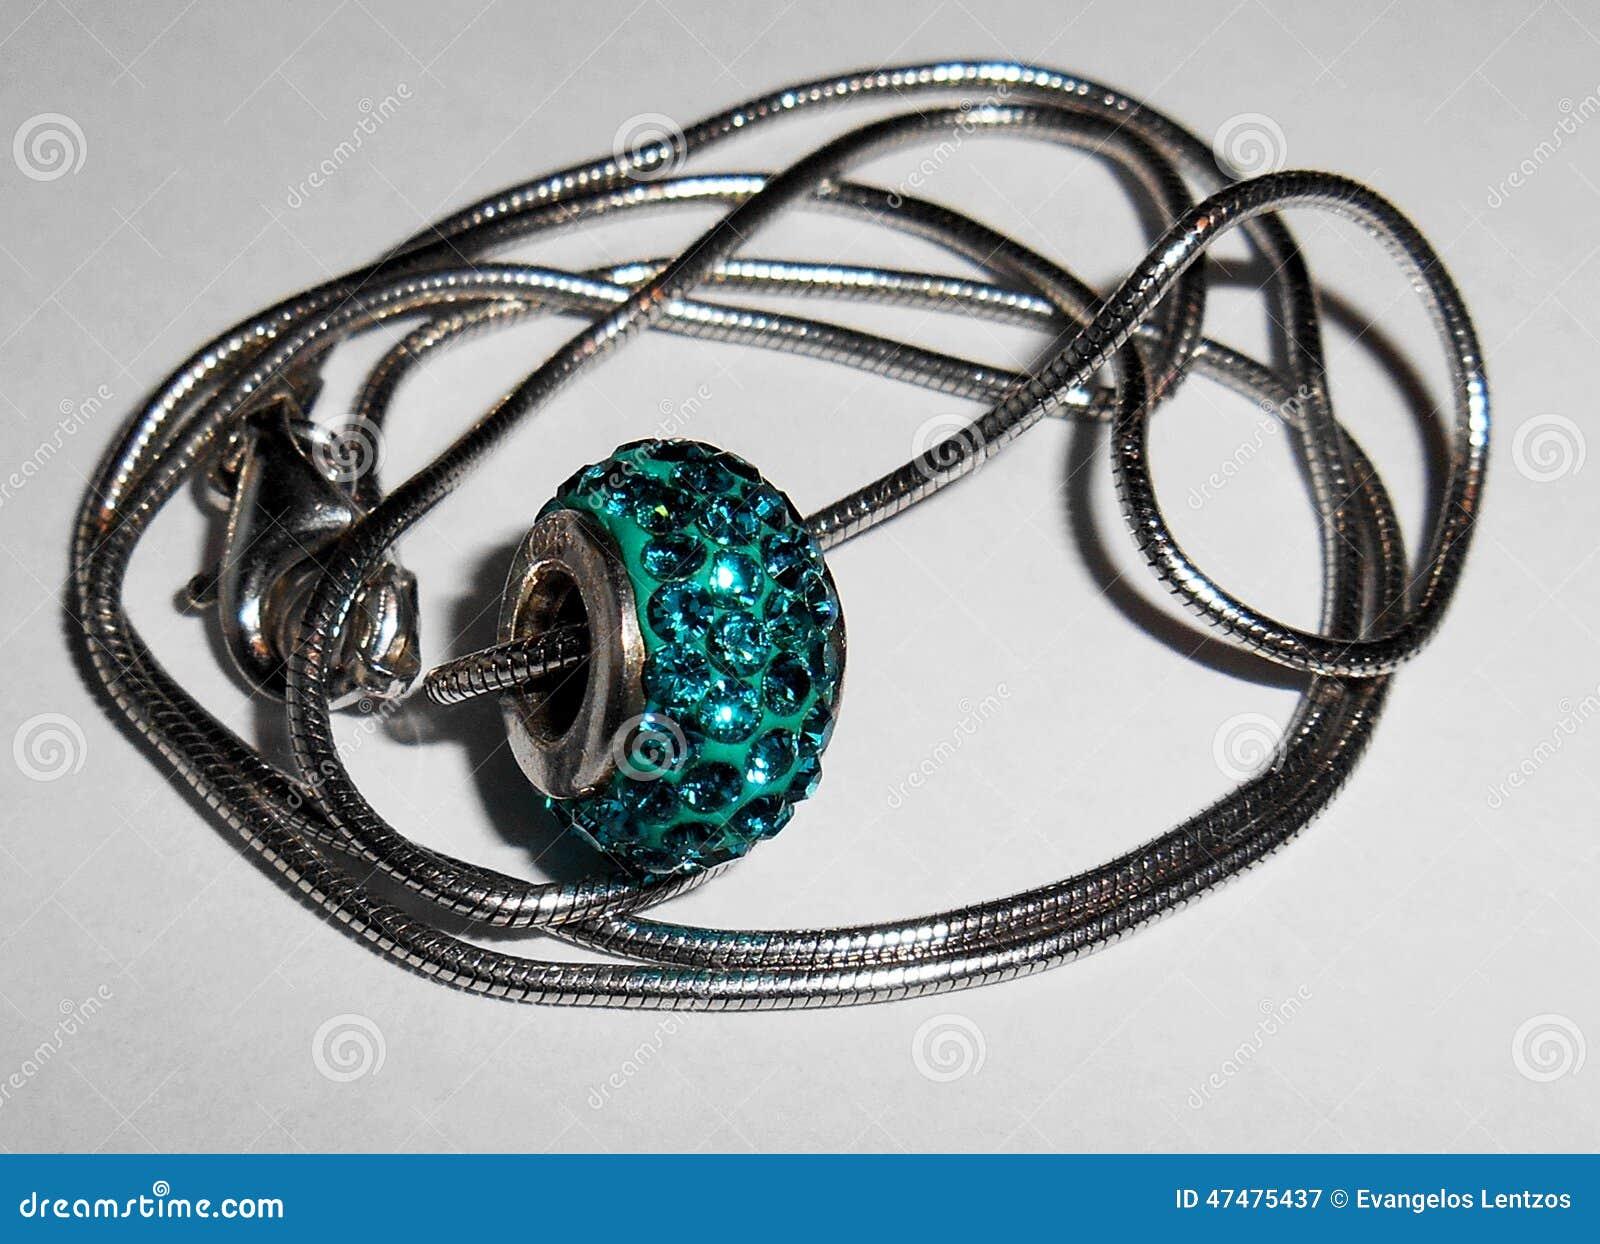 Pendant with precious crystals